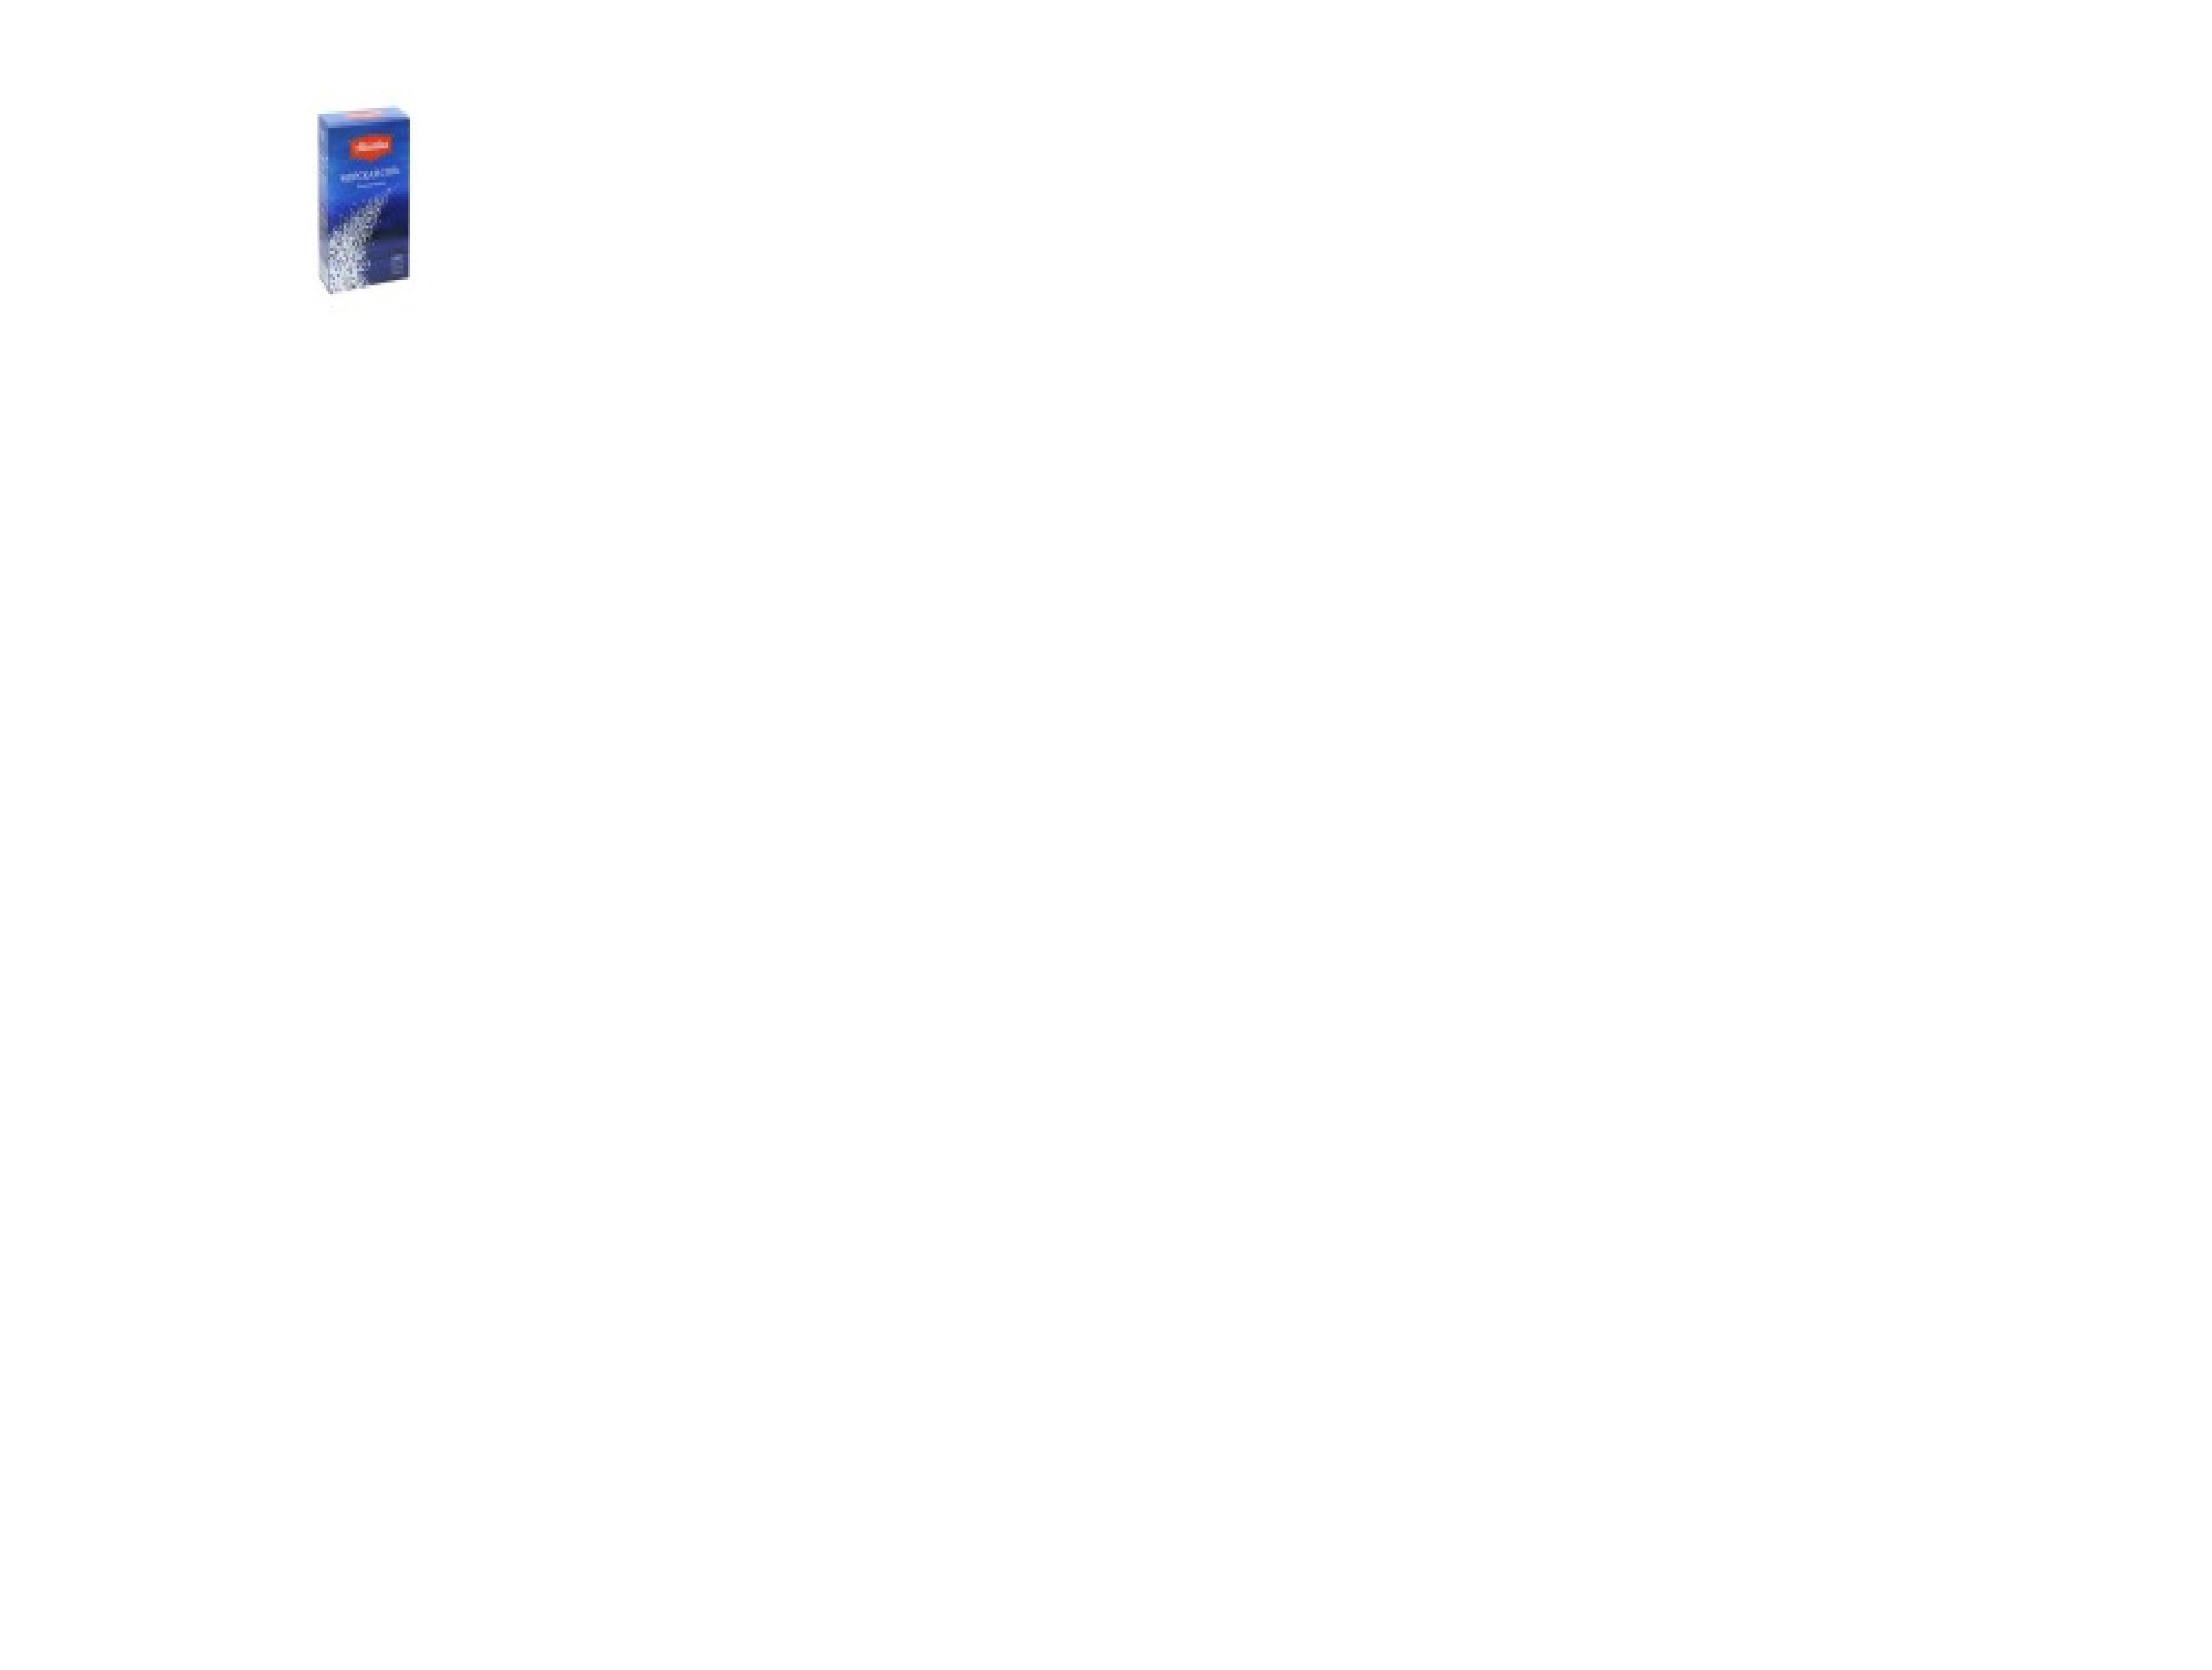 """СОЛЬ МОРСКАЯ """"АТЛАНТИКА""""™ МЕЛКОГО ПОМОЛА В КАРТОННОЙ ПАЧКЕ ВЕСОМ 1 КГ"""